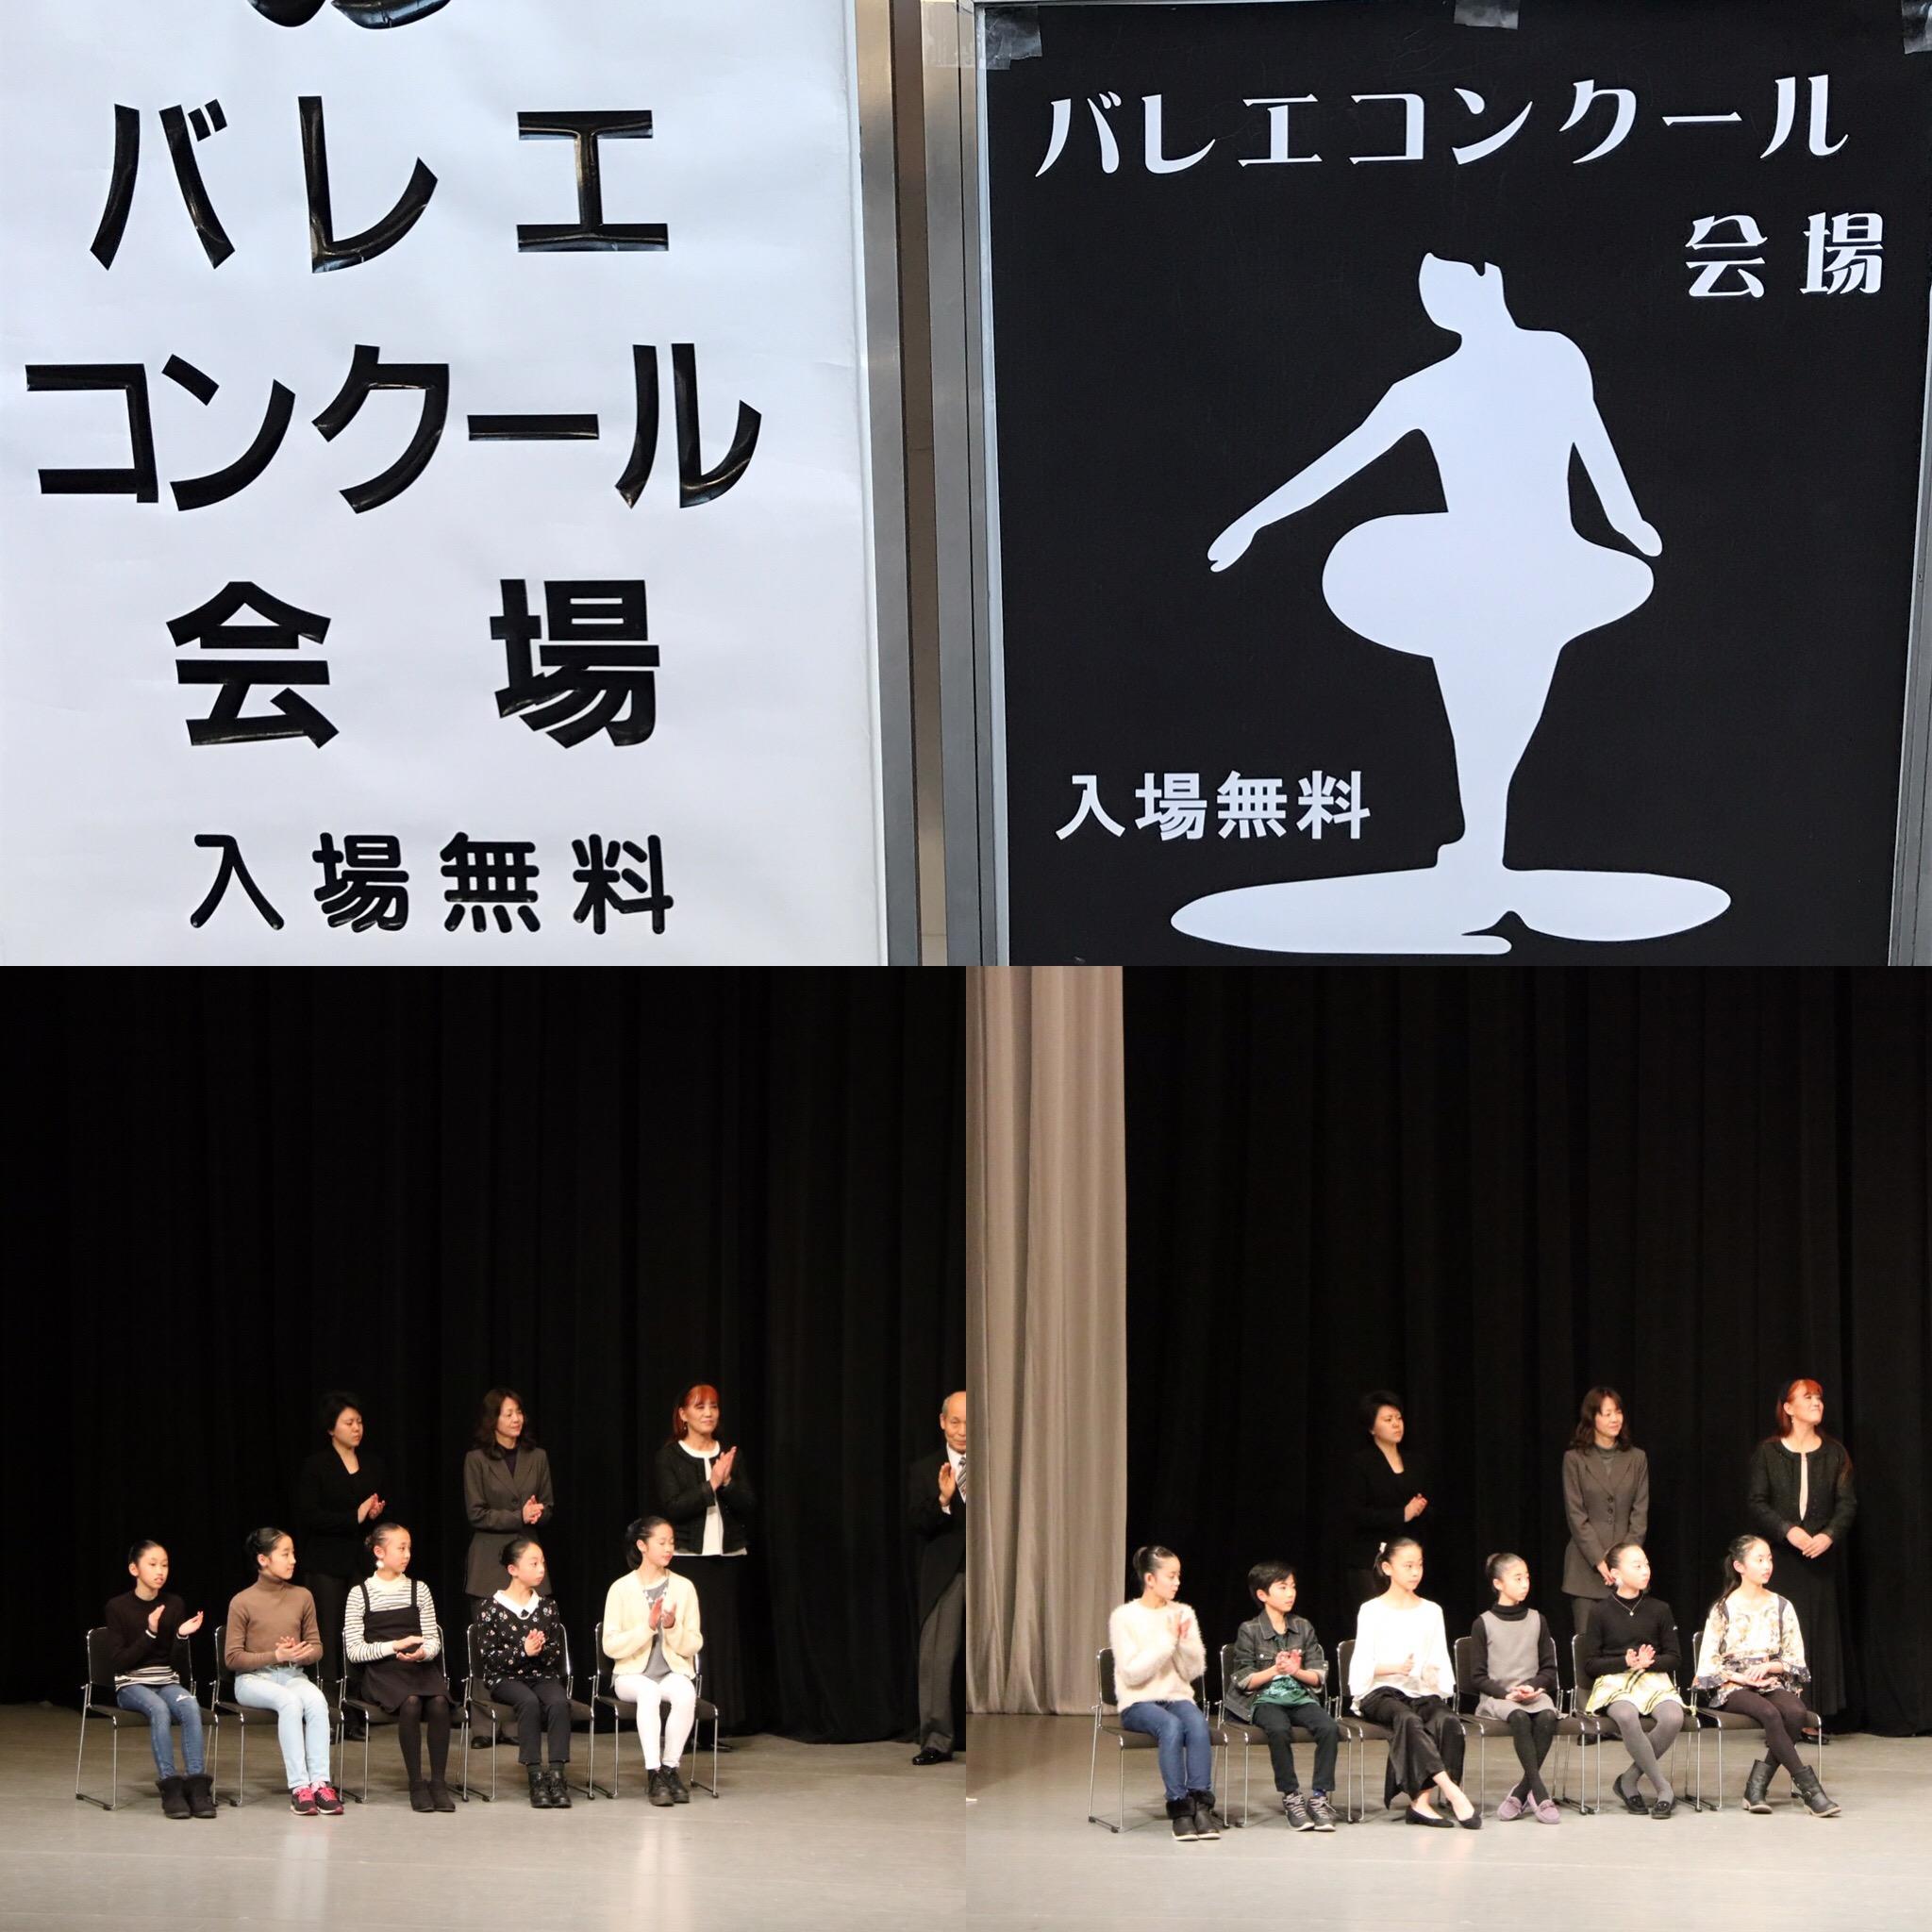 第17回オールジャパンバレエユニオン